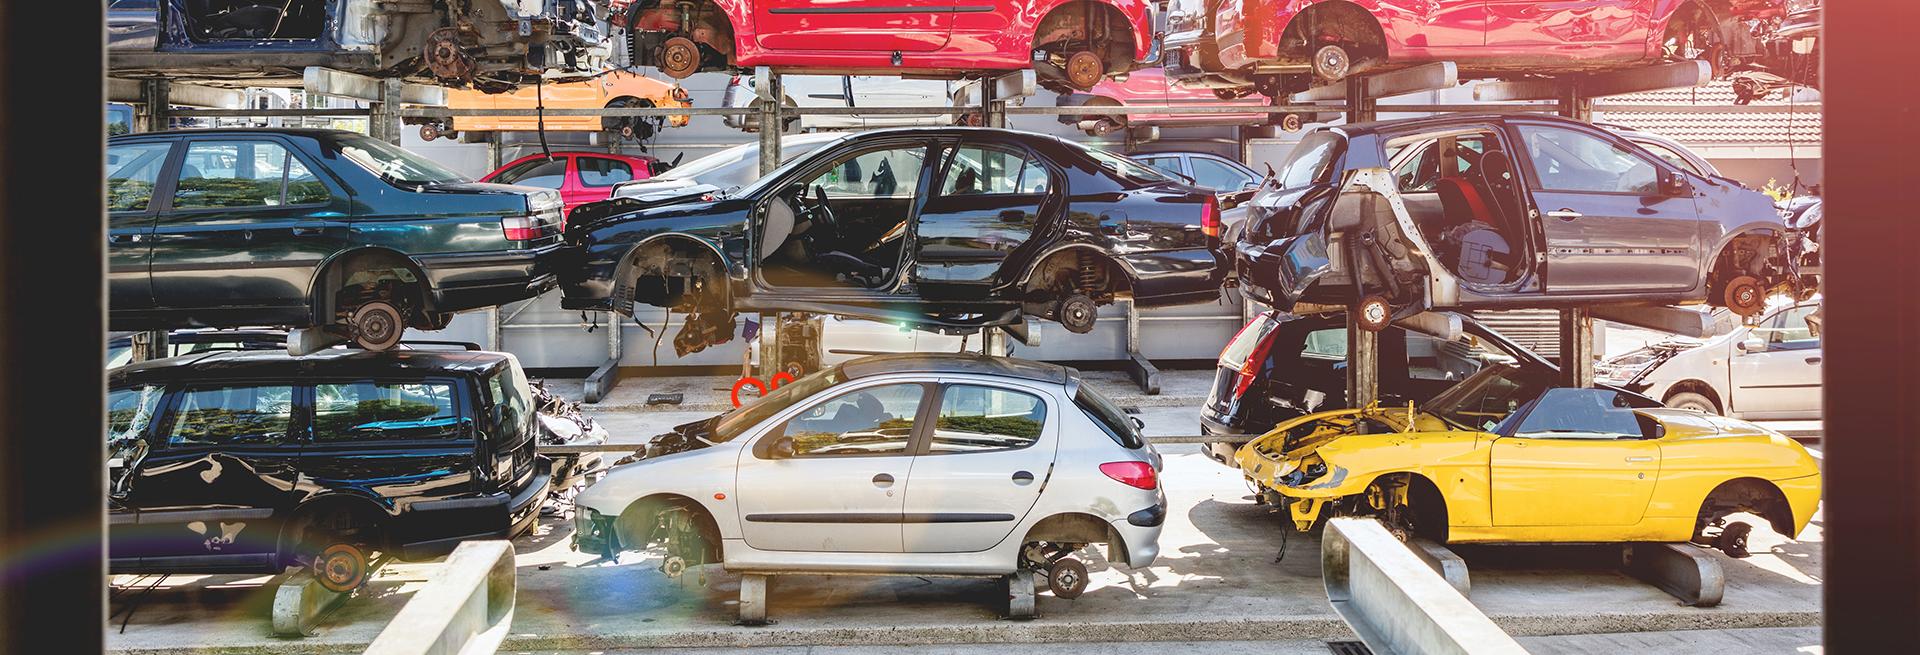 reciclagem de carros